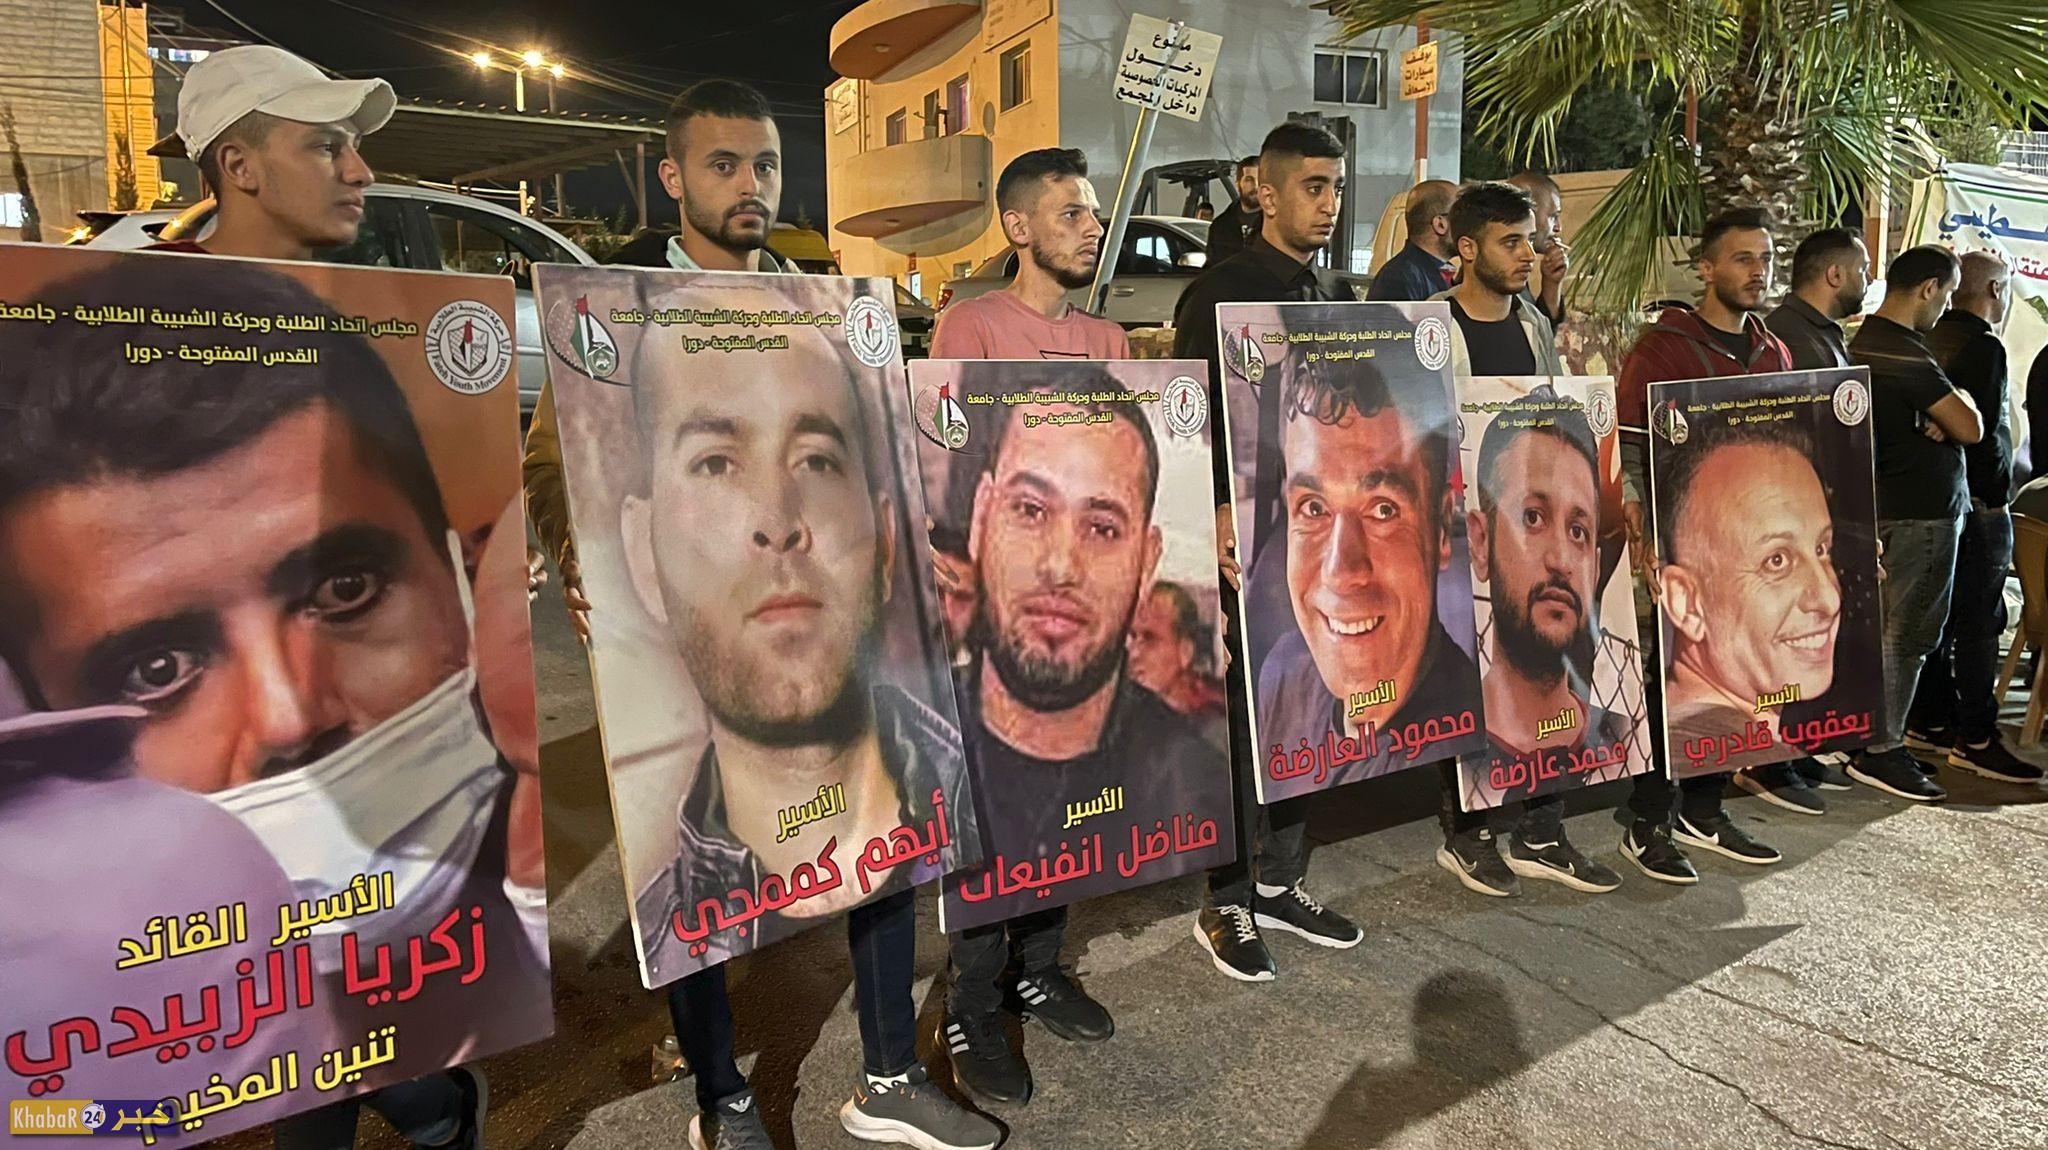 سبعة أسرى يواصلون إضرابهم عن الطعام وسط ظروف صحية خطيرة